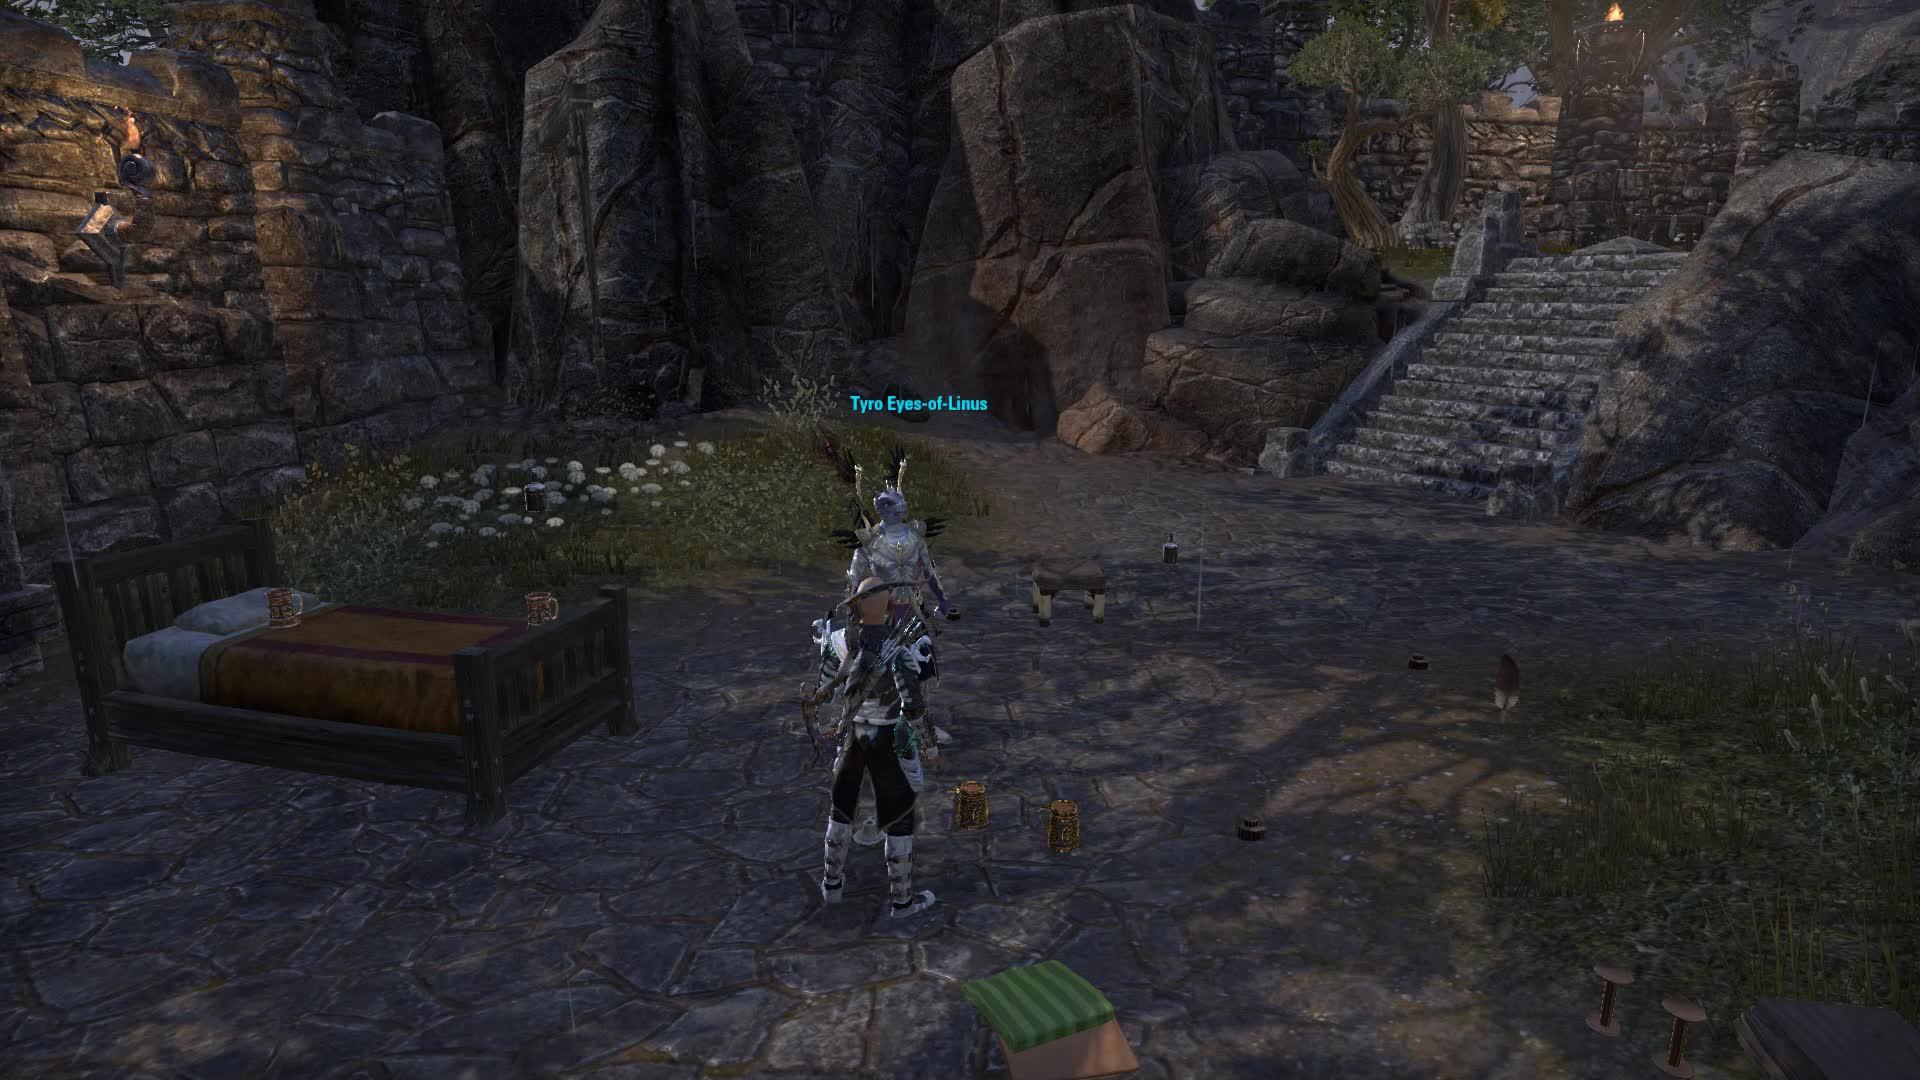 elderscrollsonline, Elder Scrolls Online 2018.07.05 - 16.20.43.19.DVR GIFs